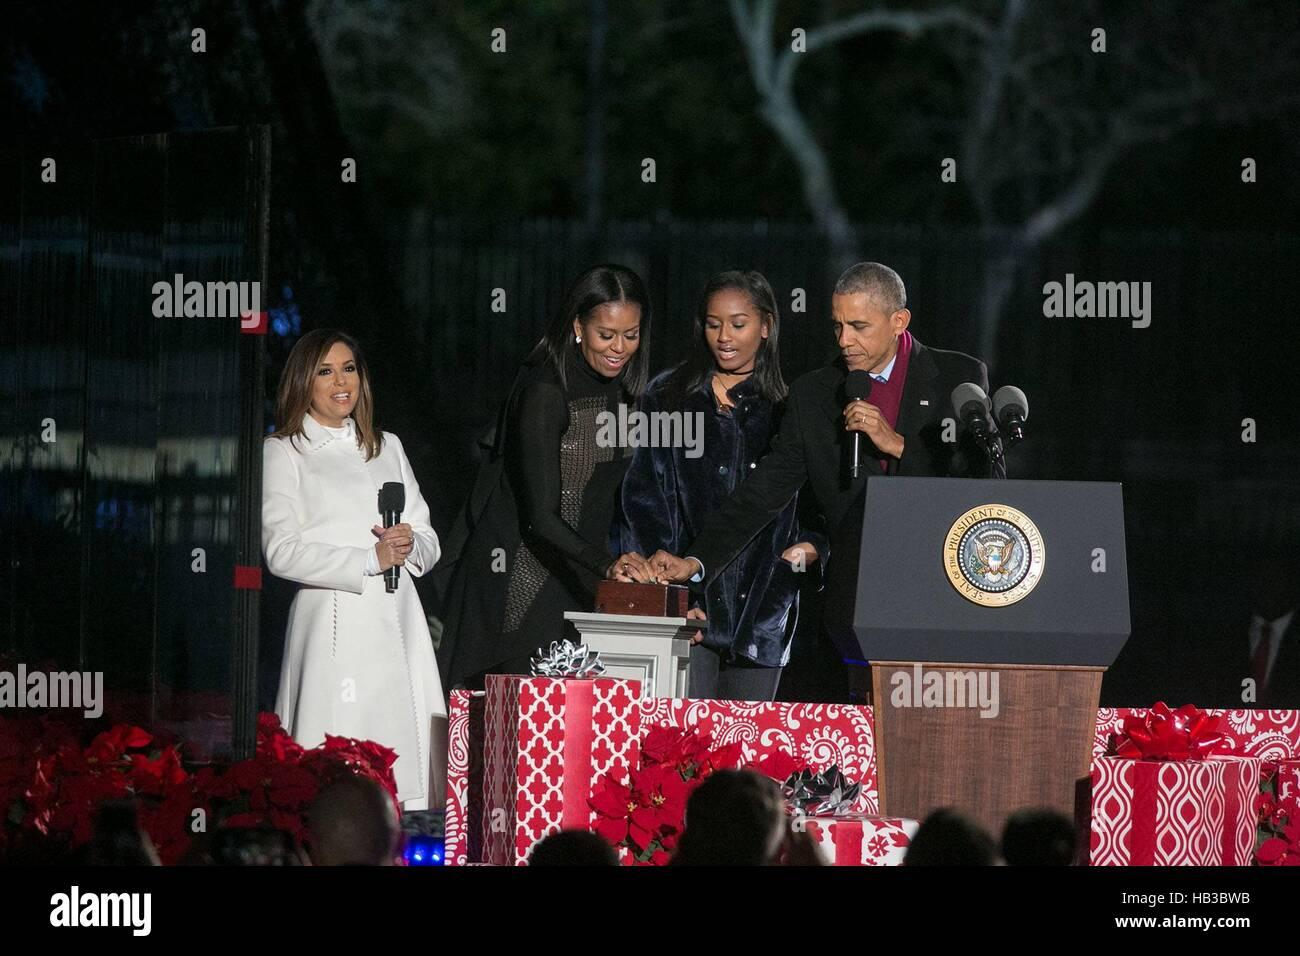 Président américain Barack Obama, la Première Dame Michelle Obama et sa fille Sasha appuyez sur le Photo Stock